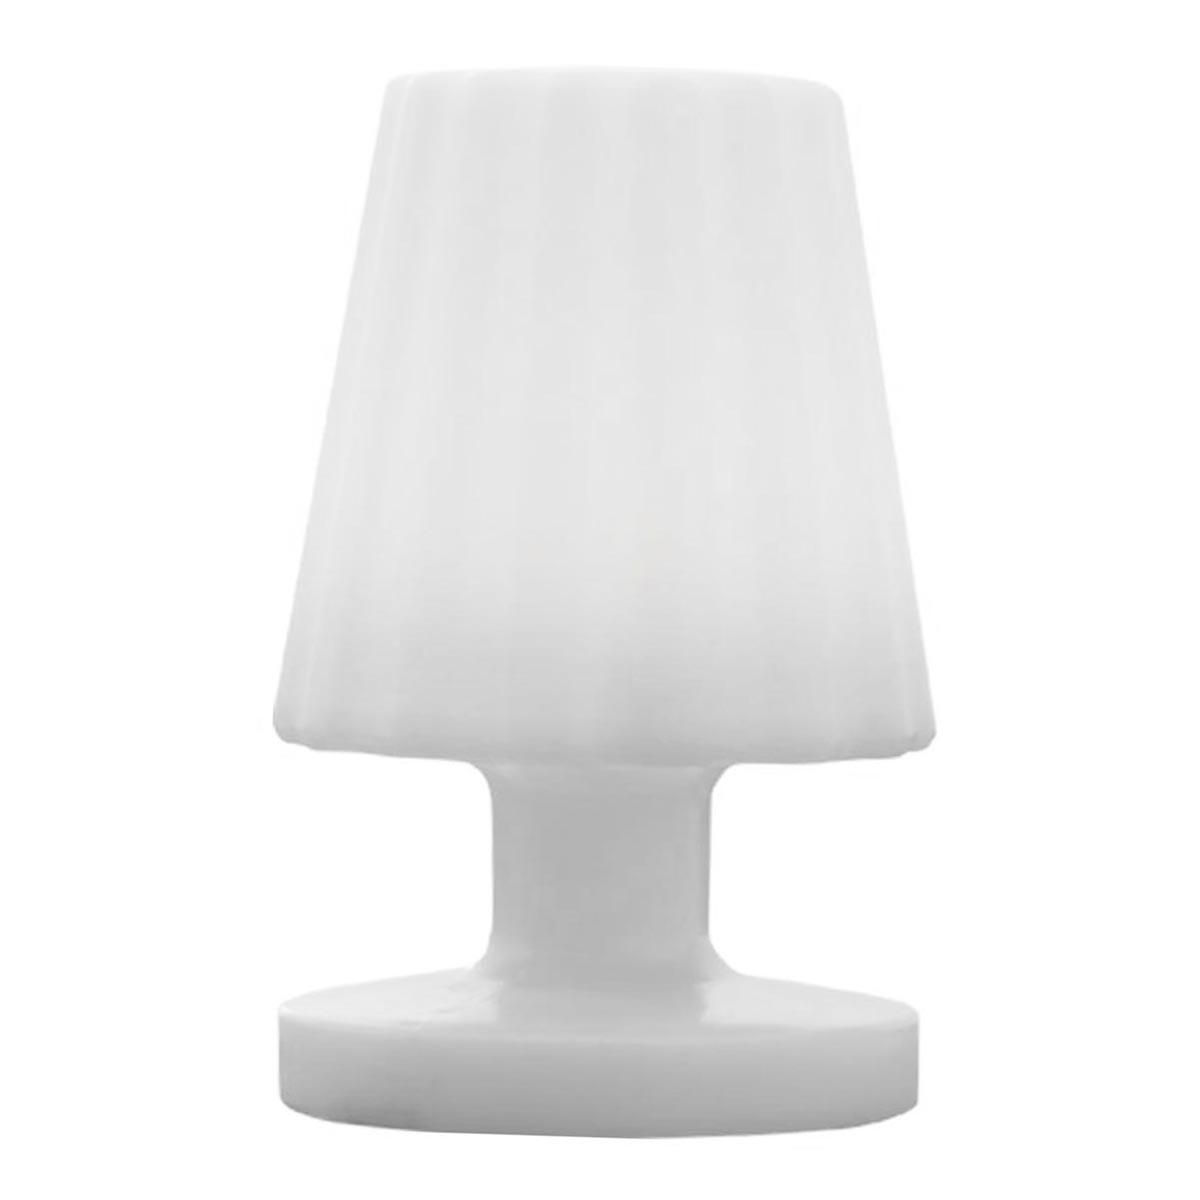 LADY MINI-Lampe de table sans fil plastique blanc 22cm